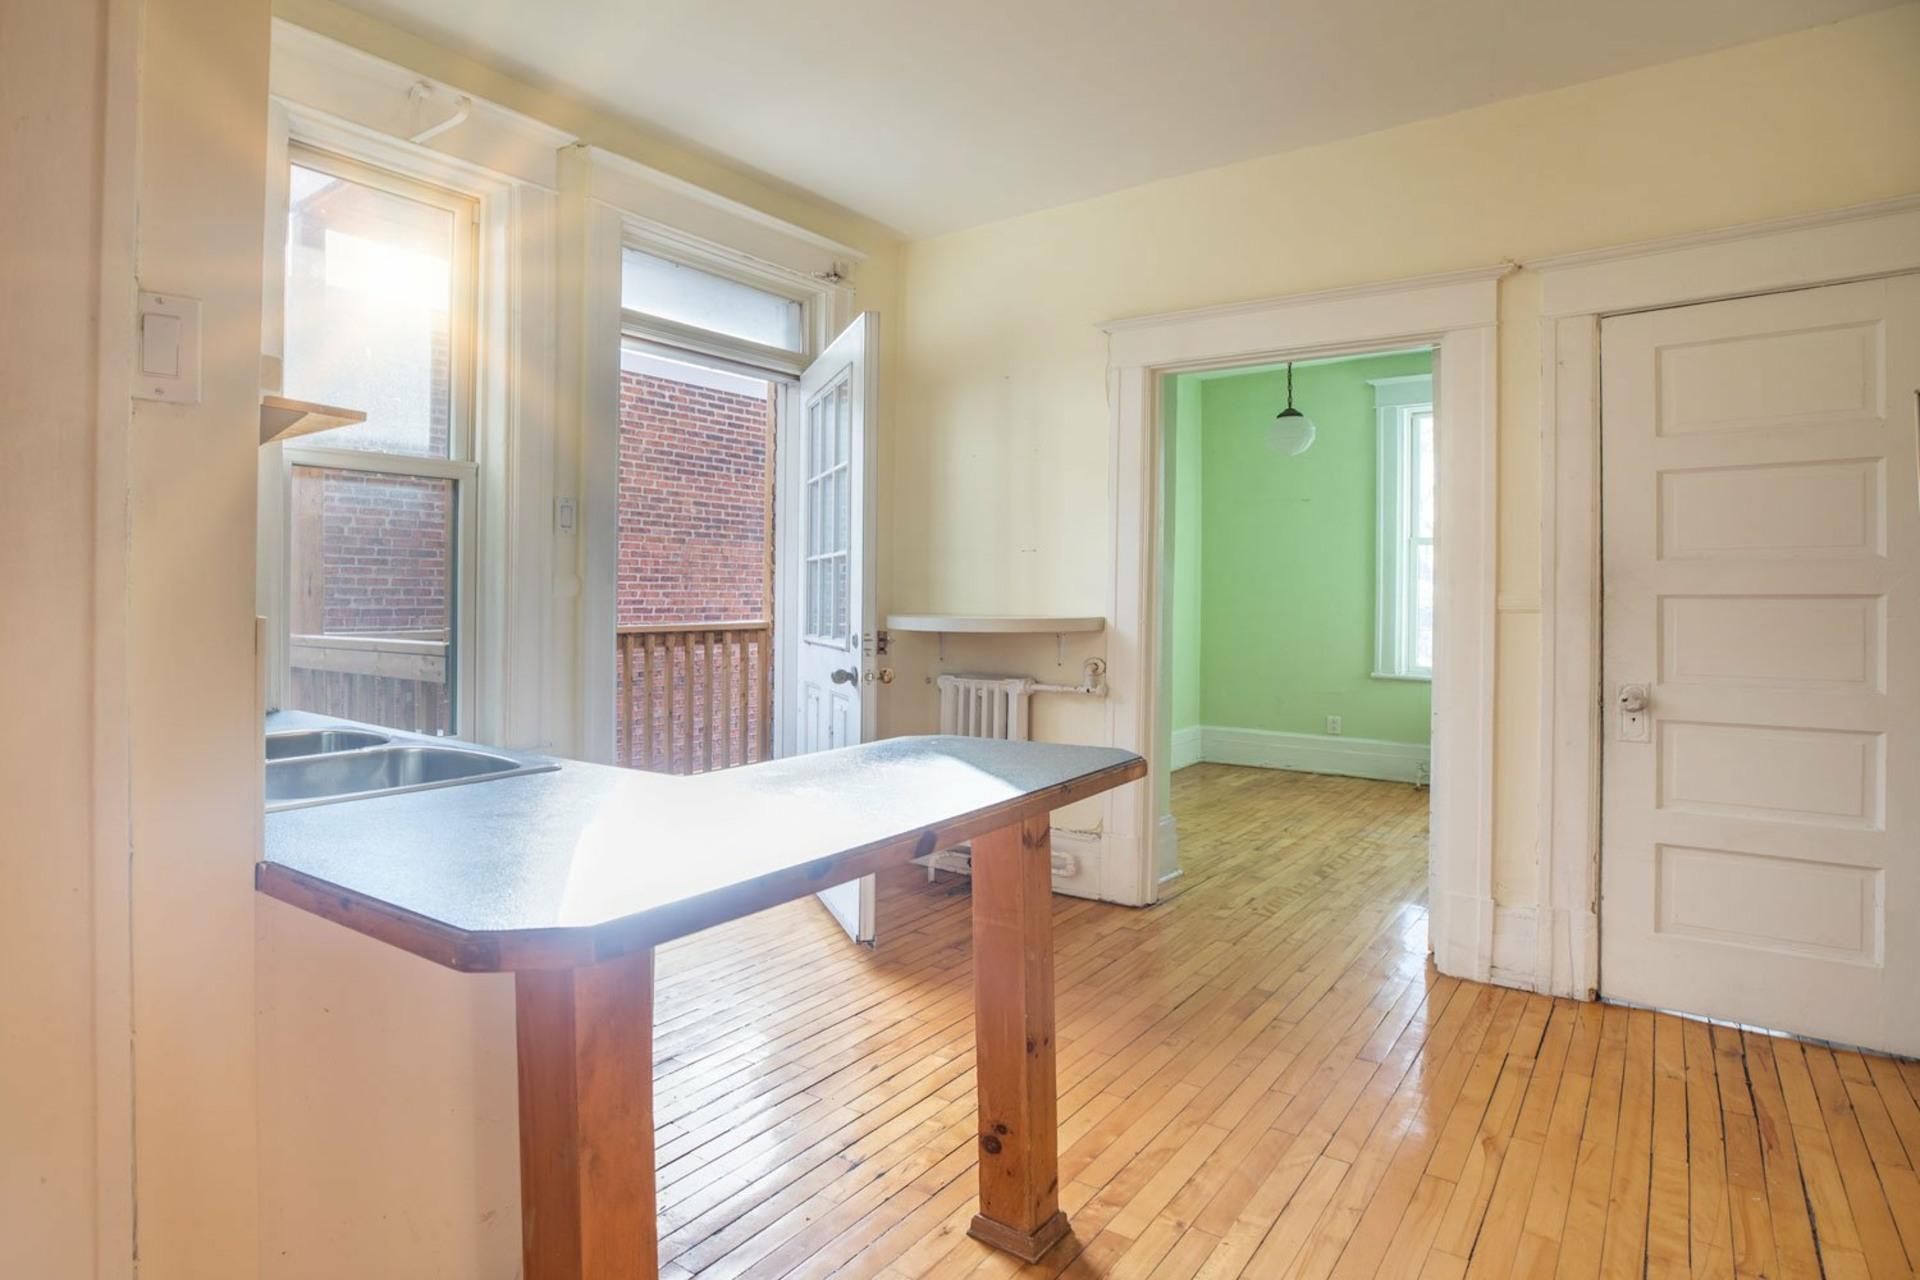 image 6 - Appartement À vendre Côte-des-Neiges/Notre-Dame-de-Grâce Montréal  - 6 pièces